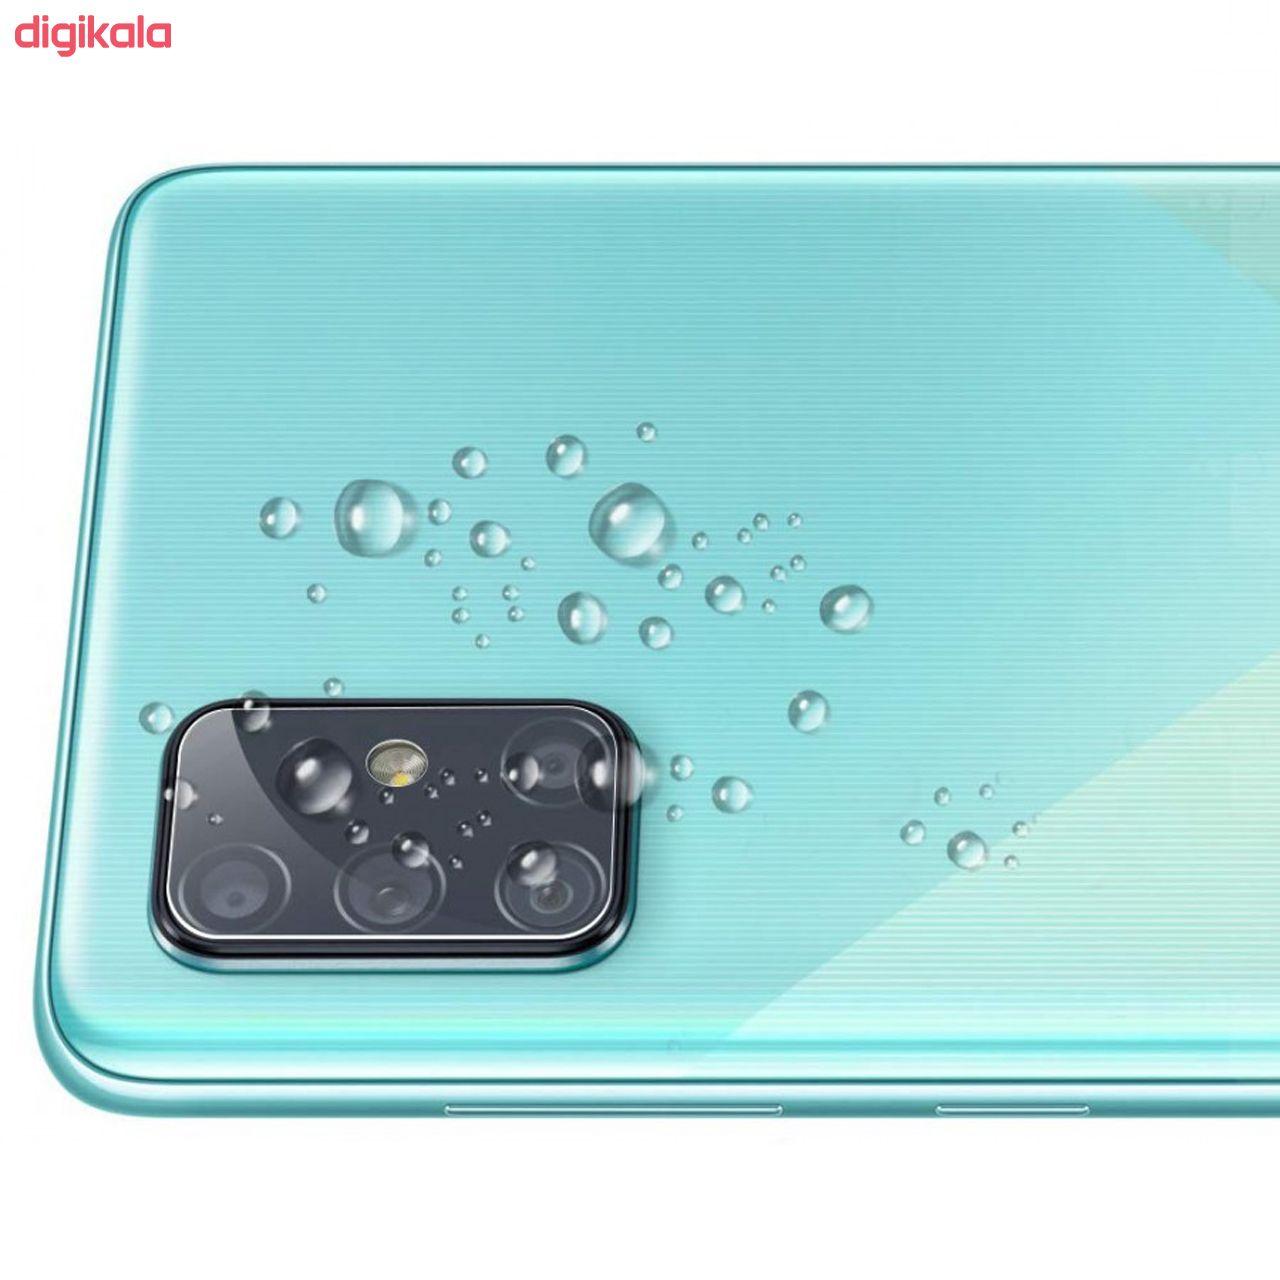 محافظ لنز دوربین سیحان مدل GLP مناسب برای گوشی موبایل سامسونگ Galaxy M51 main 1 5